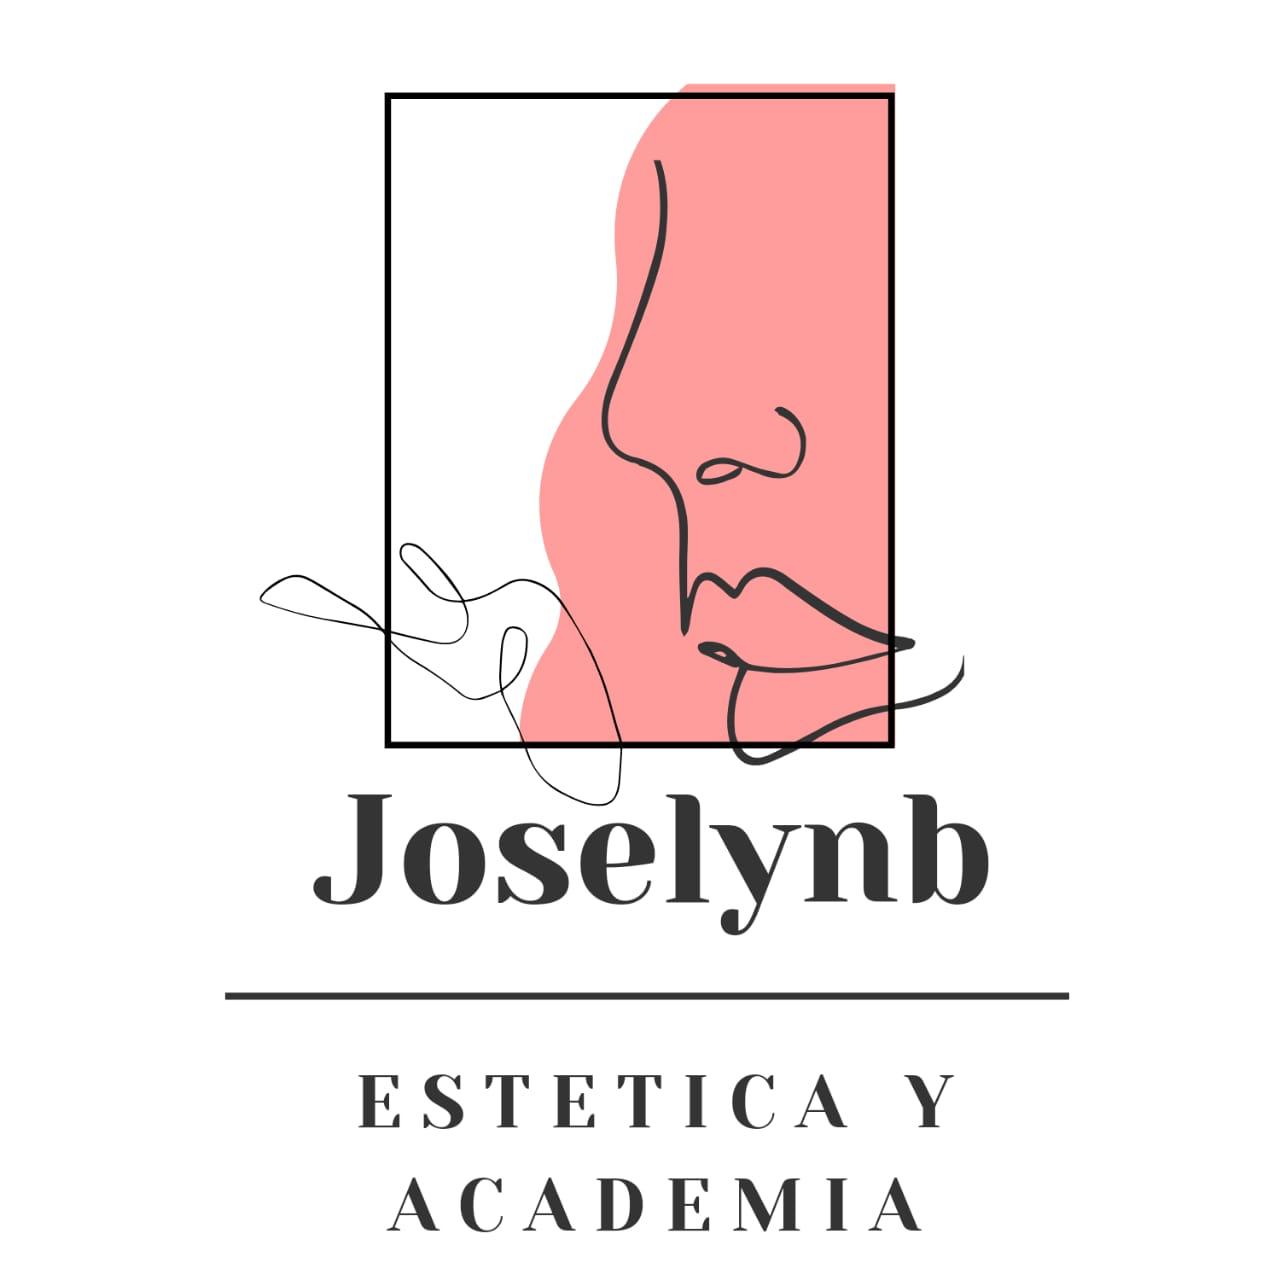 Joselynb Estética y Academia